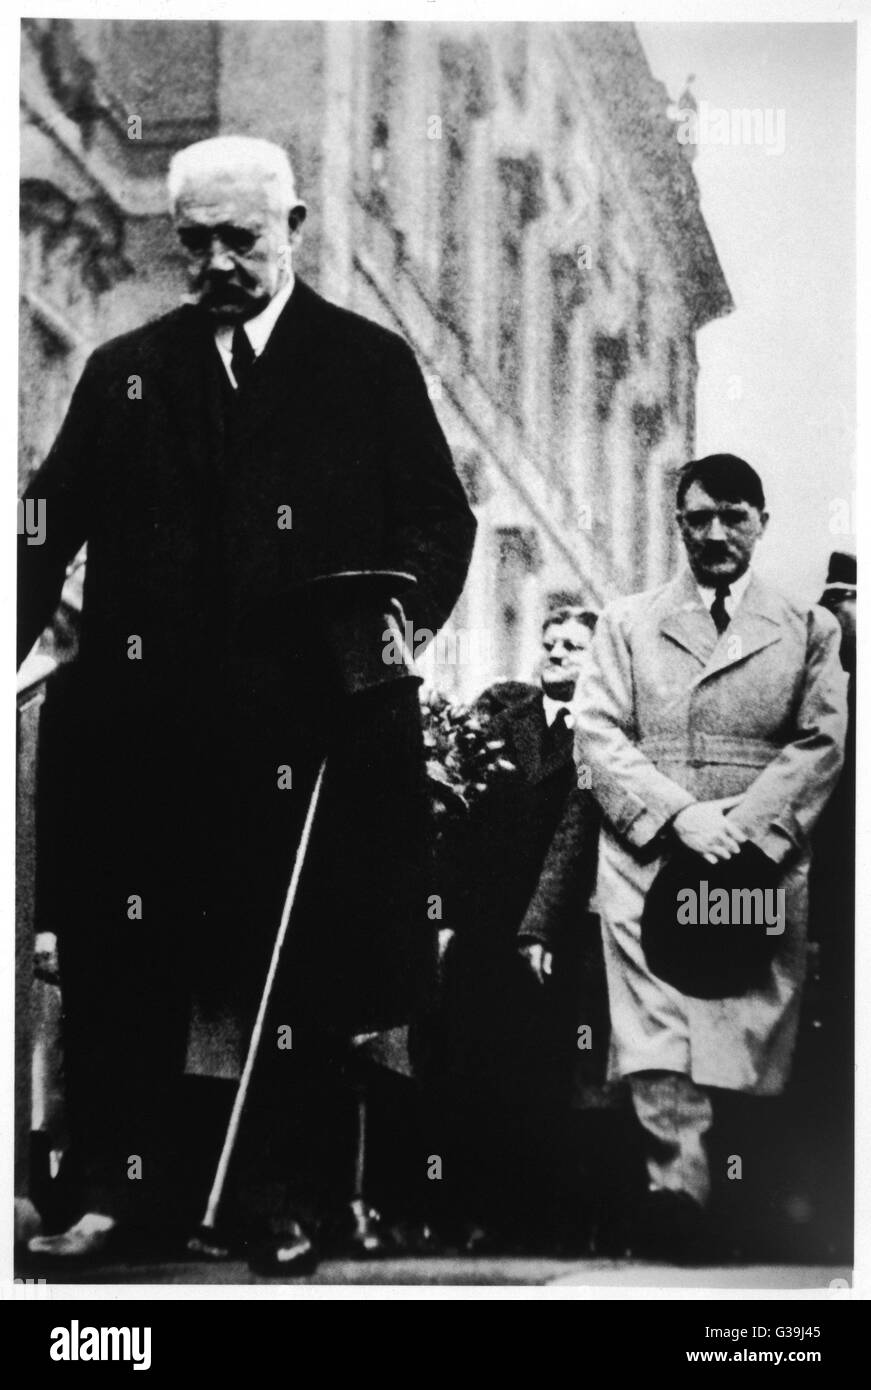 PAUL VON HINDENBURG With Hitler in 1933         Date: 1847-1934 Stock Photo